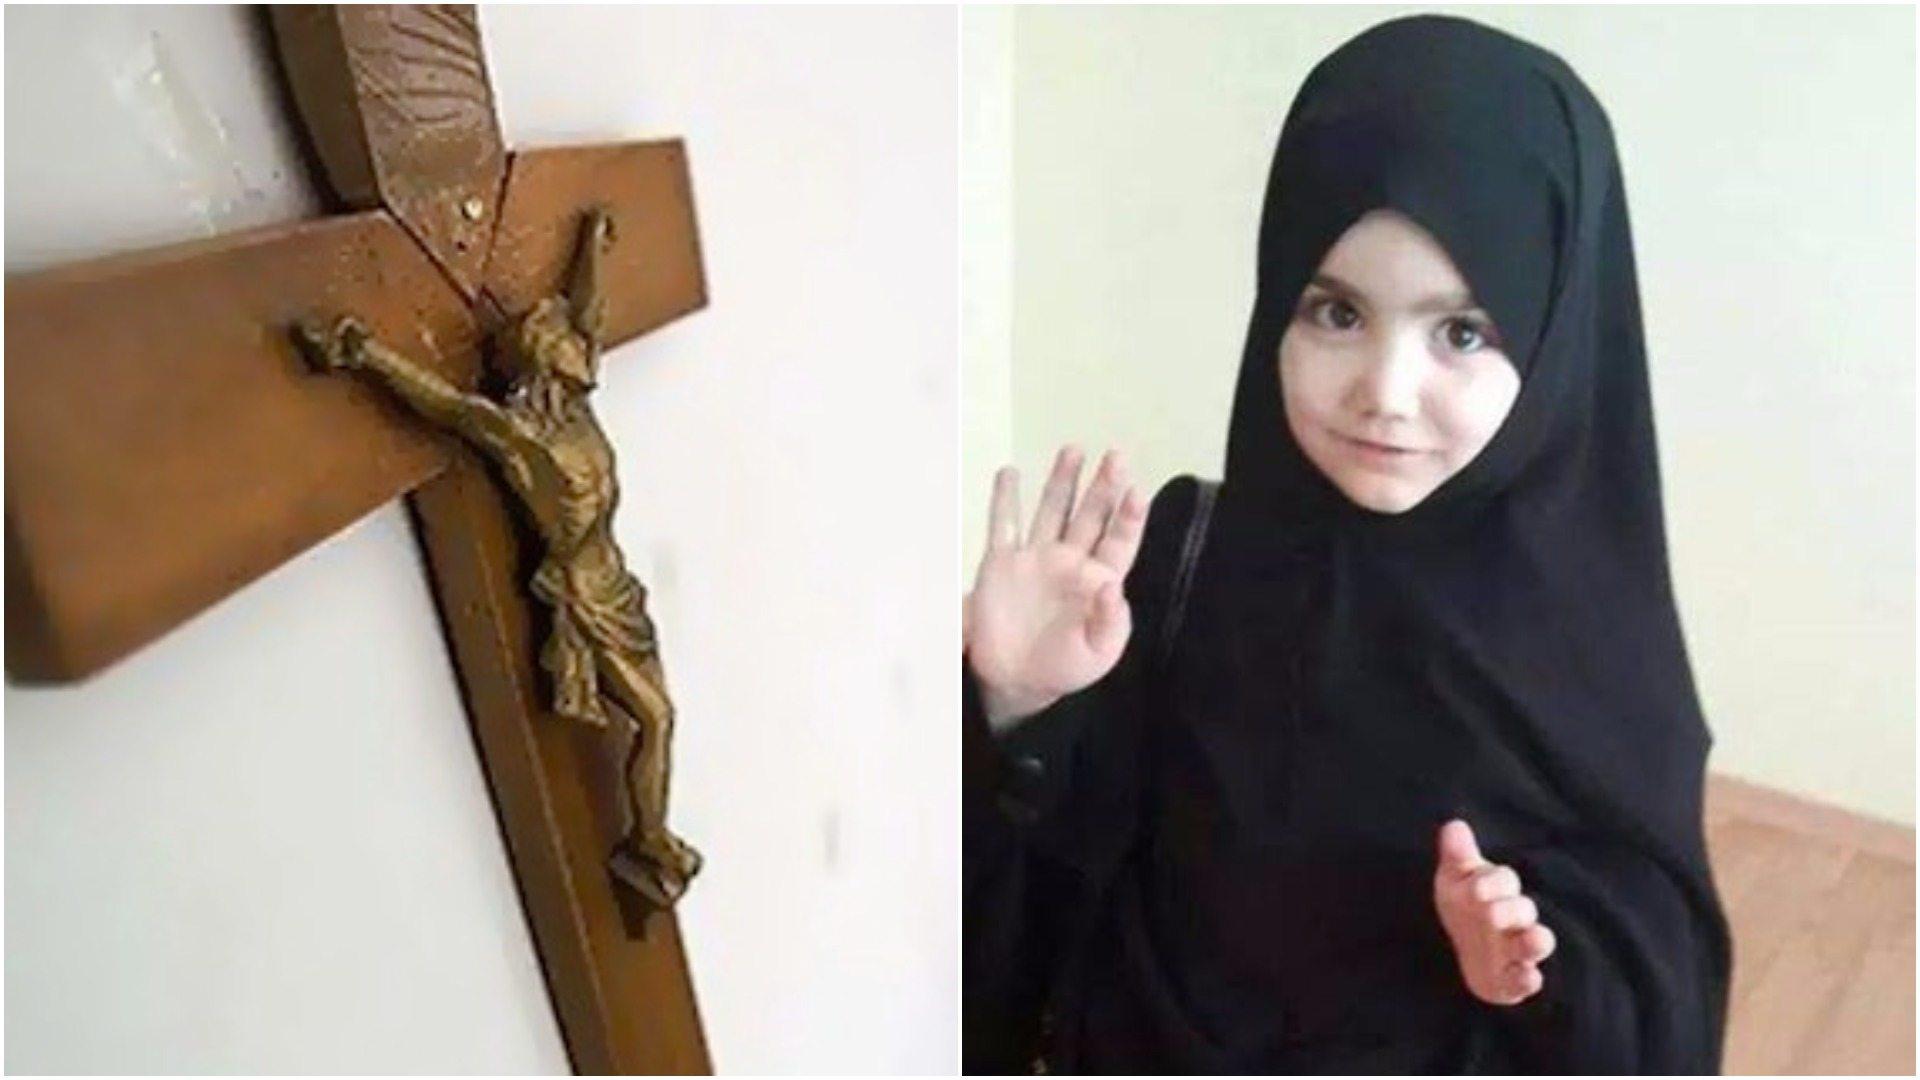 Muzułmanie wysłali córkę do katolickiej szkoły. Oskarżają dyrekcję o rasizm i islamofobię